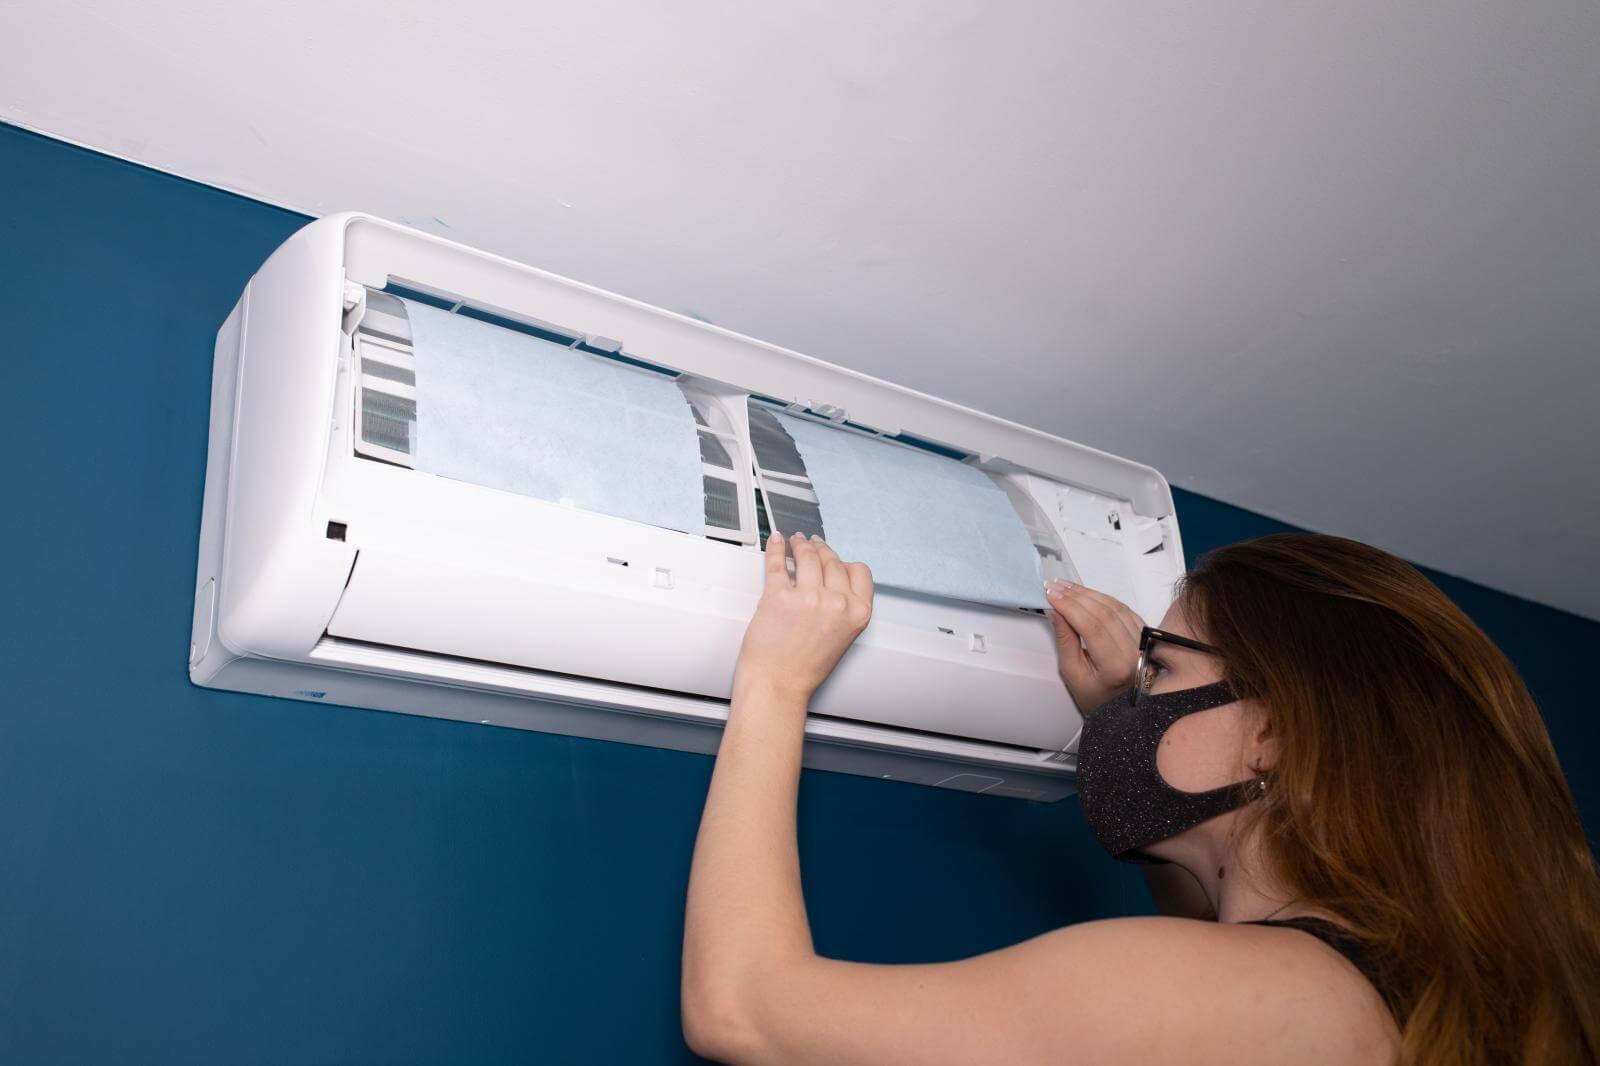 Saúde em ambientes internos começa pelo filtro do ar condicionado